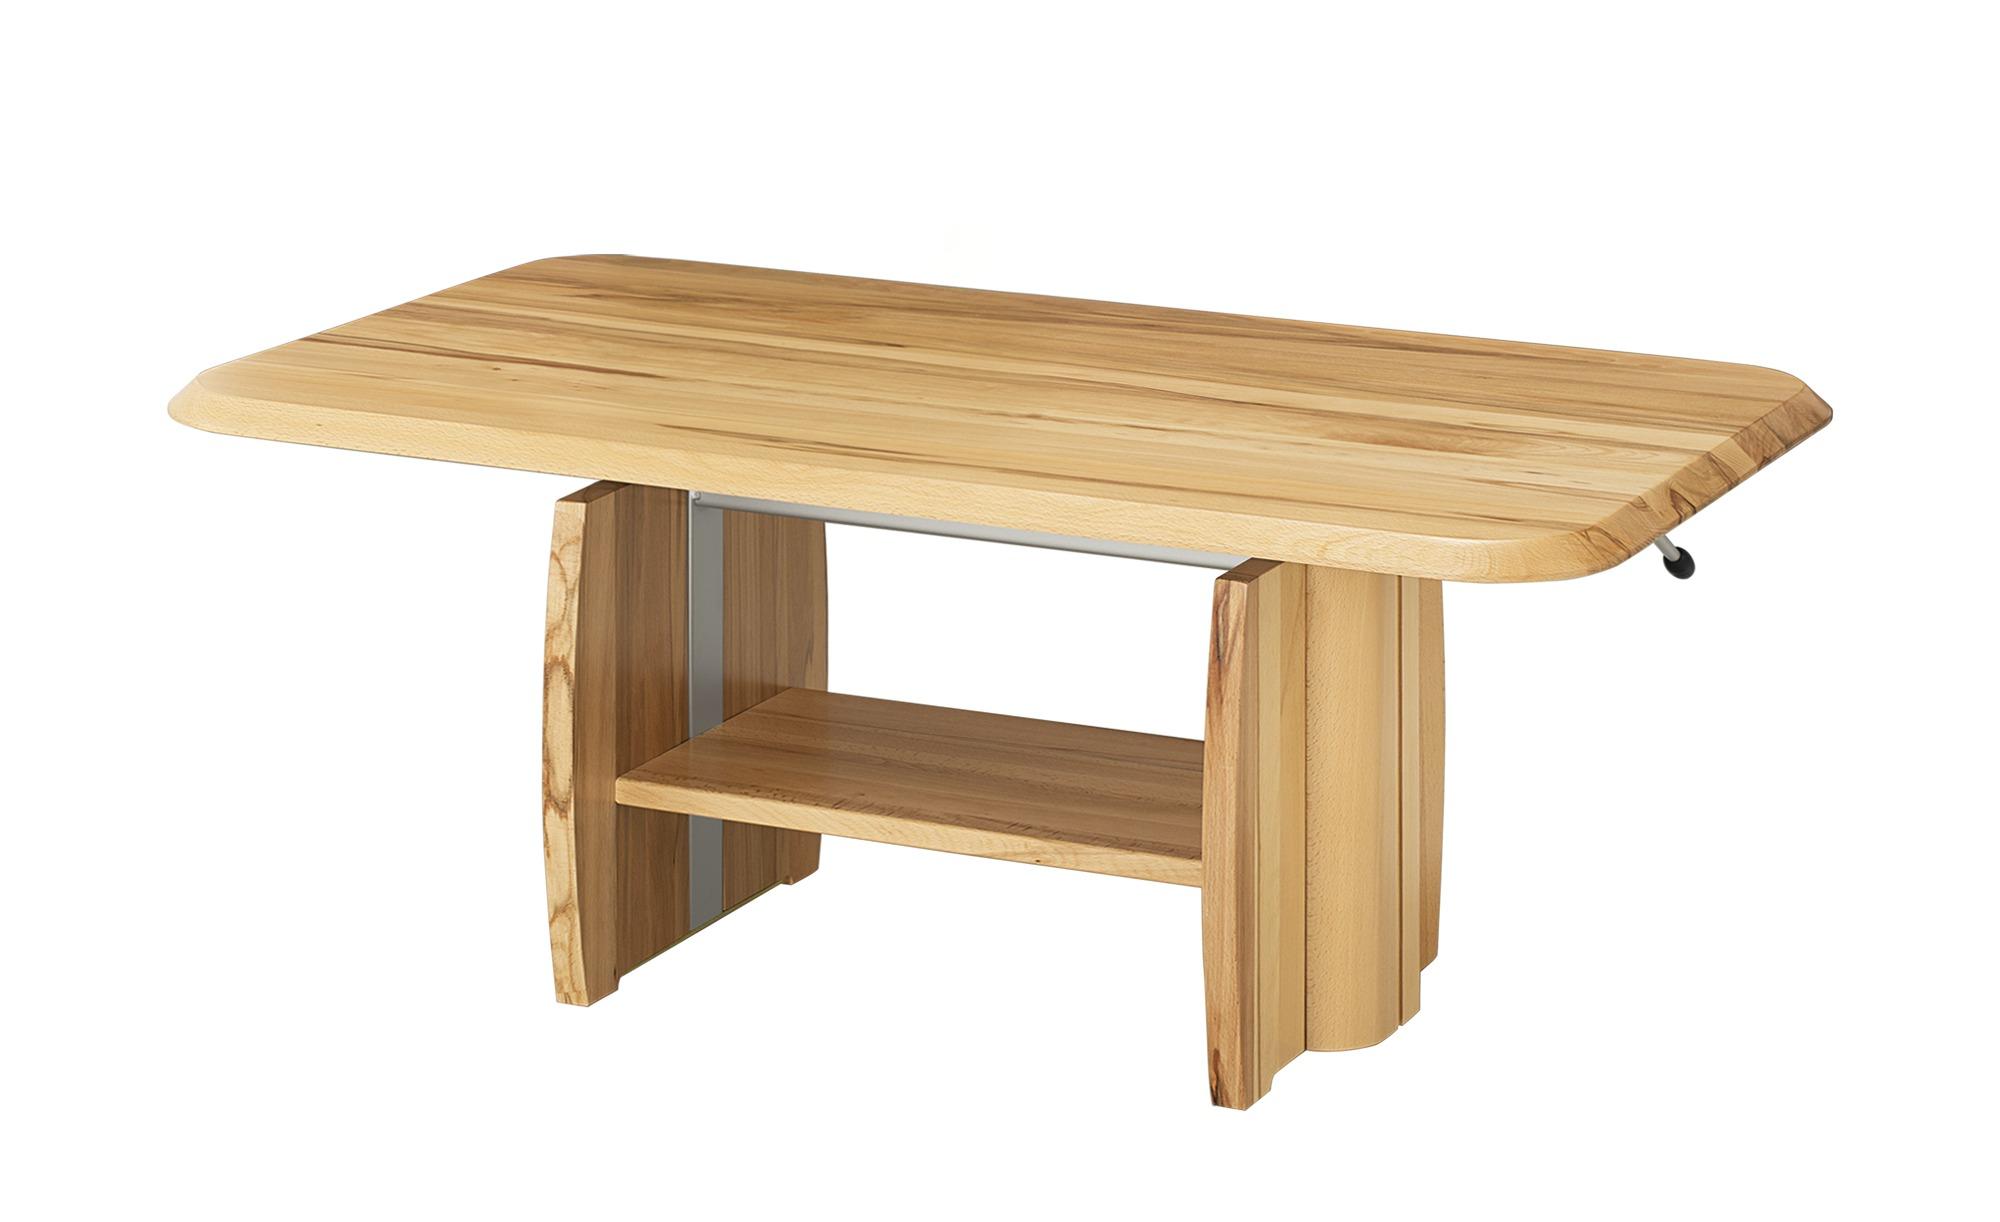 Couchtisch Nihoa Holzfarben Masse Cm B 110 H 46 T 65 Tische